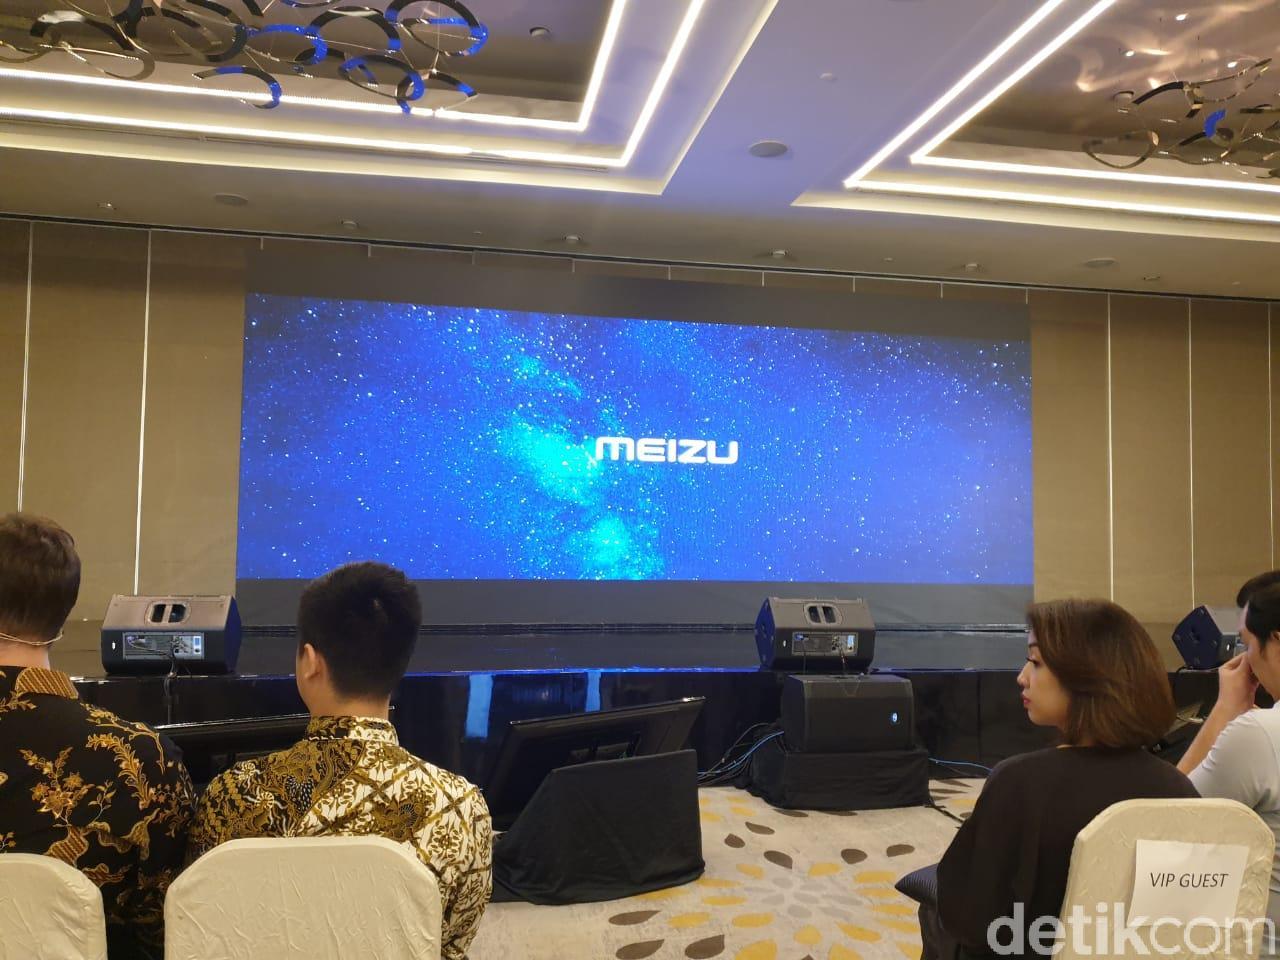 インドネシアでMeizu 16th、Meizu M6T、Meizu C9、Meizu POP、Meizu EP52 Liteを発表